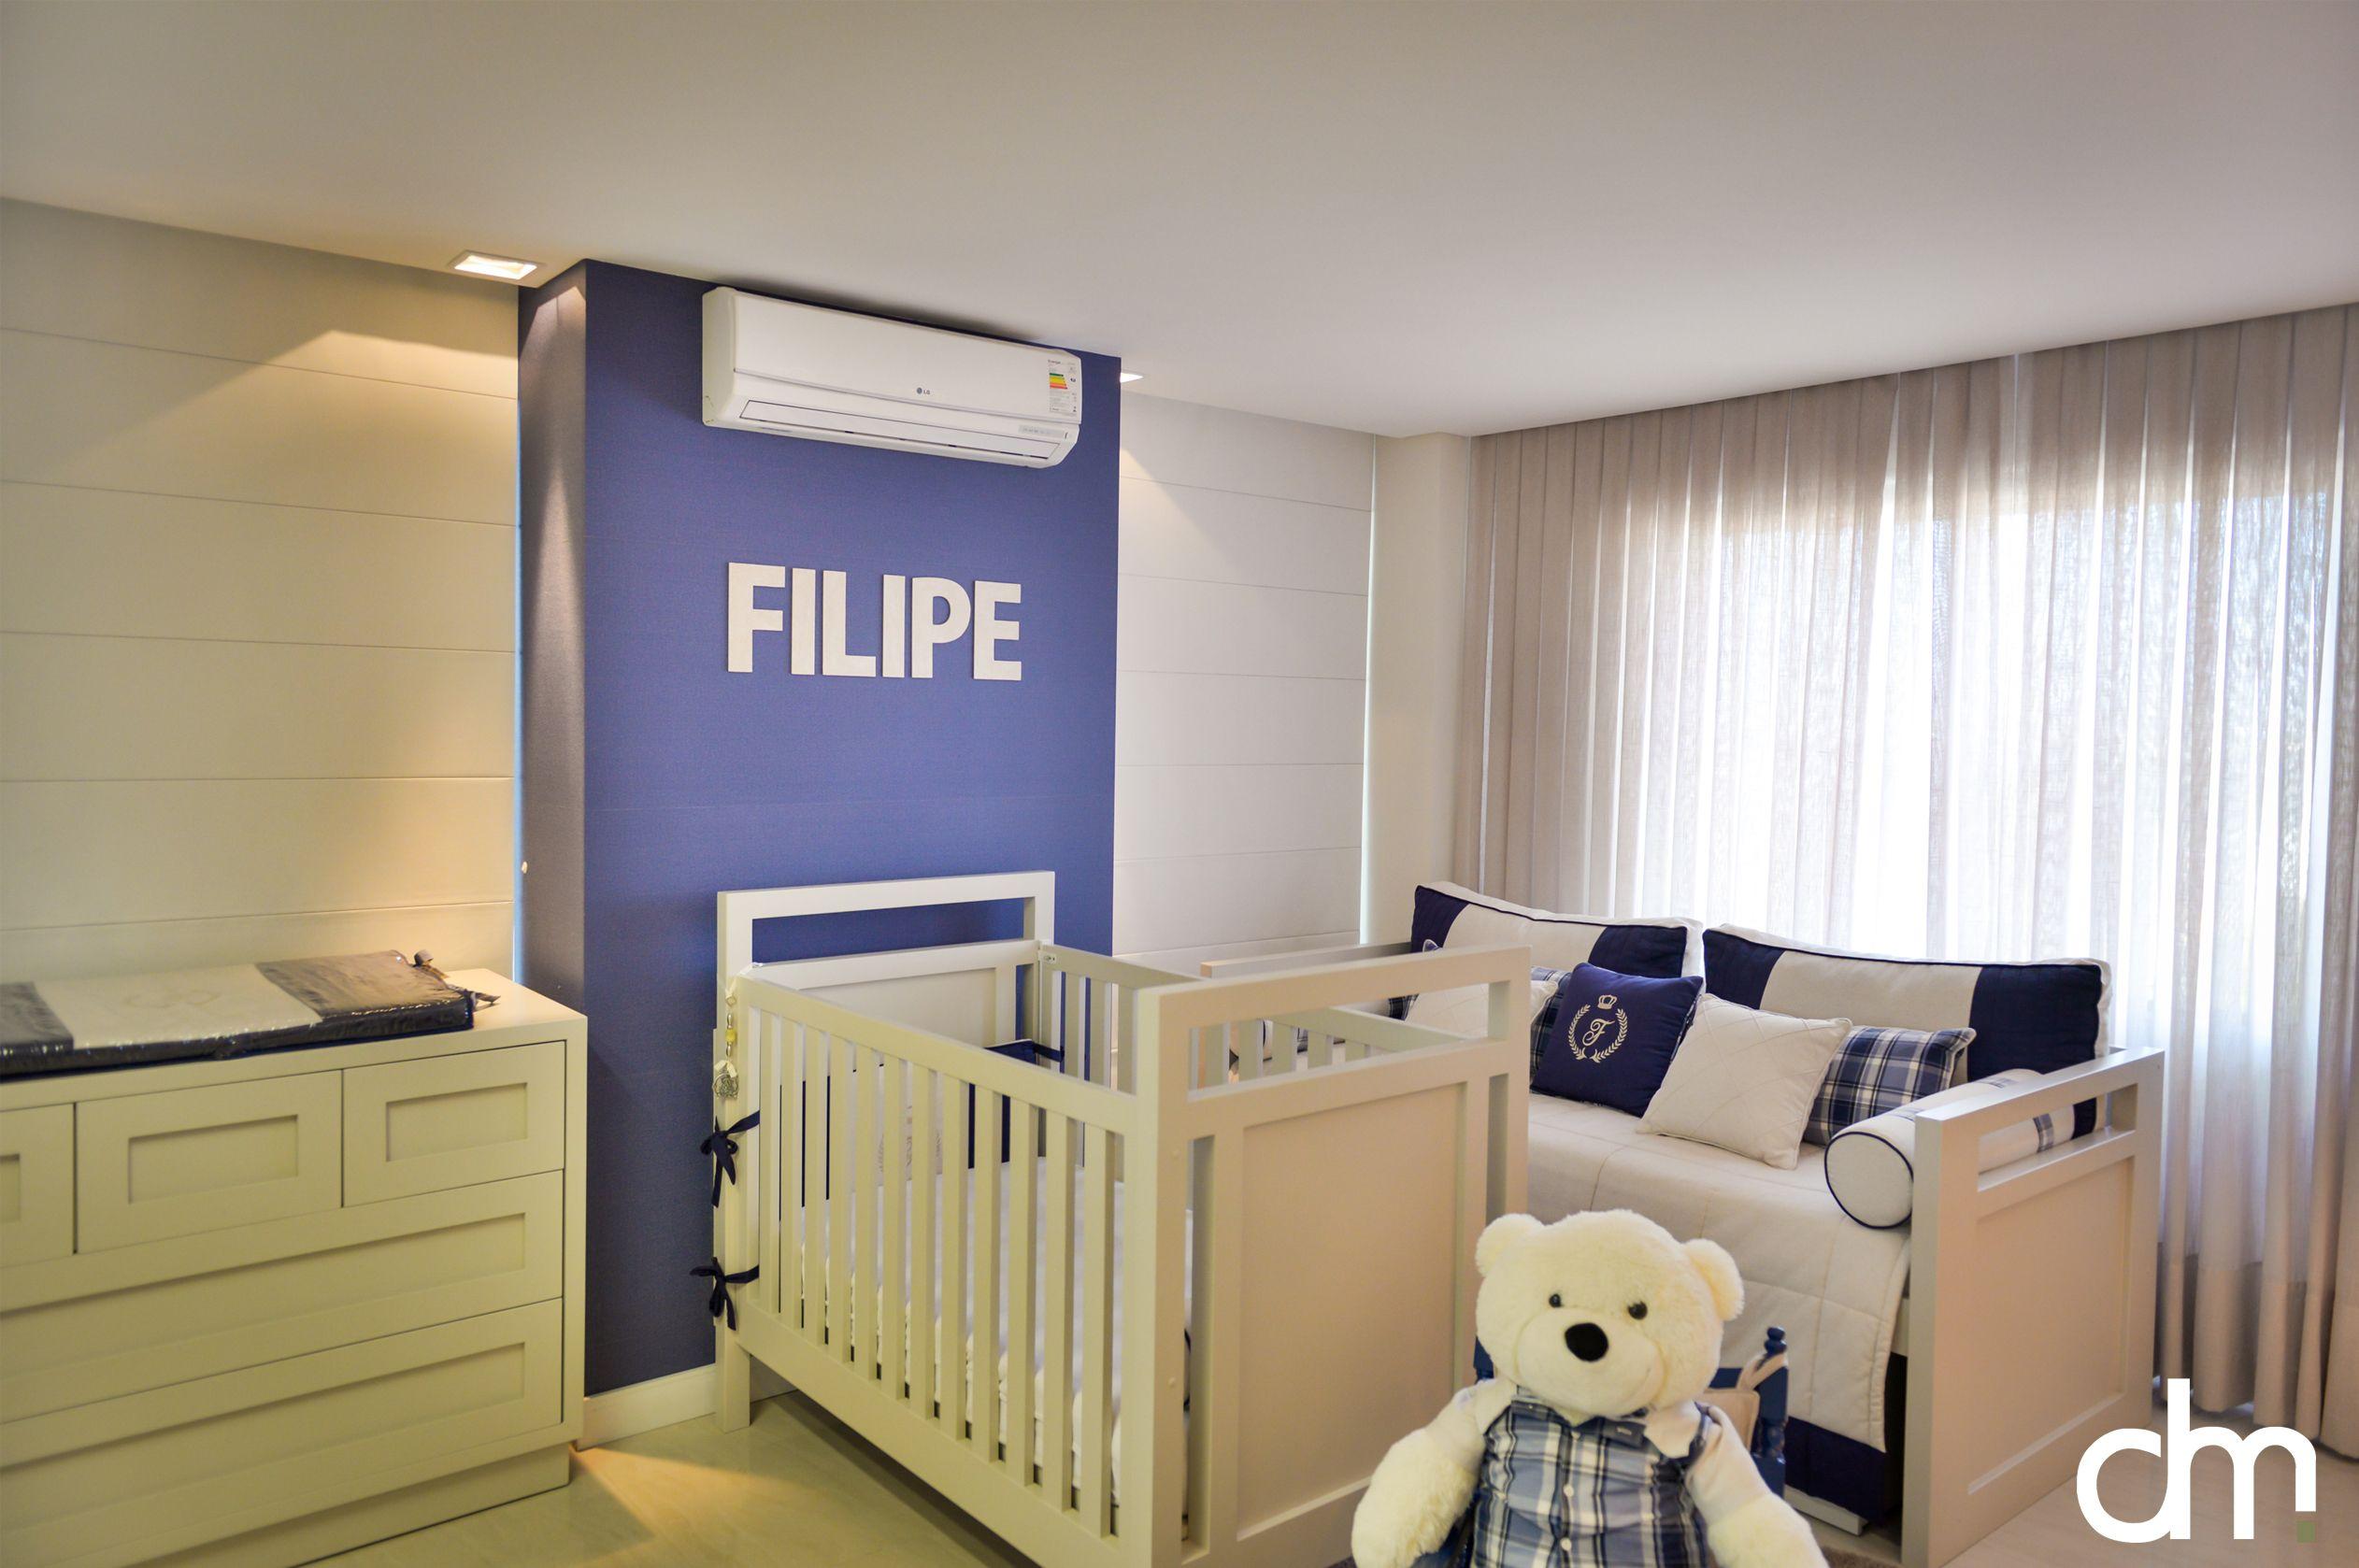 Decora O De Quarto De Beb Em Tons De Azul Marinho Azul Jeans  ~ Quarto Azul Marinho E Branco E Montar O Quarto Do Bebe